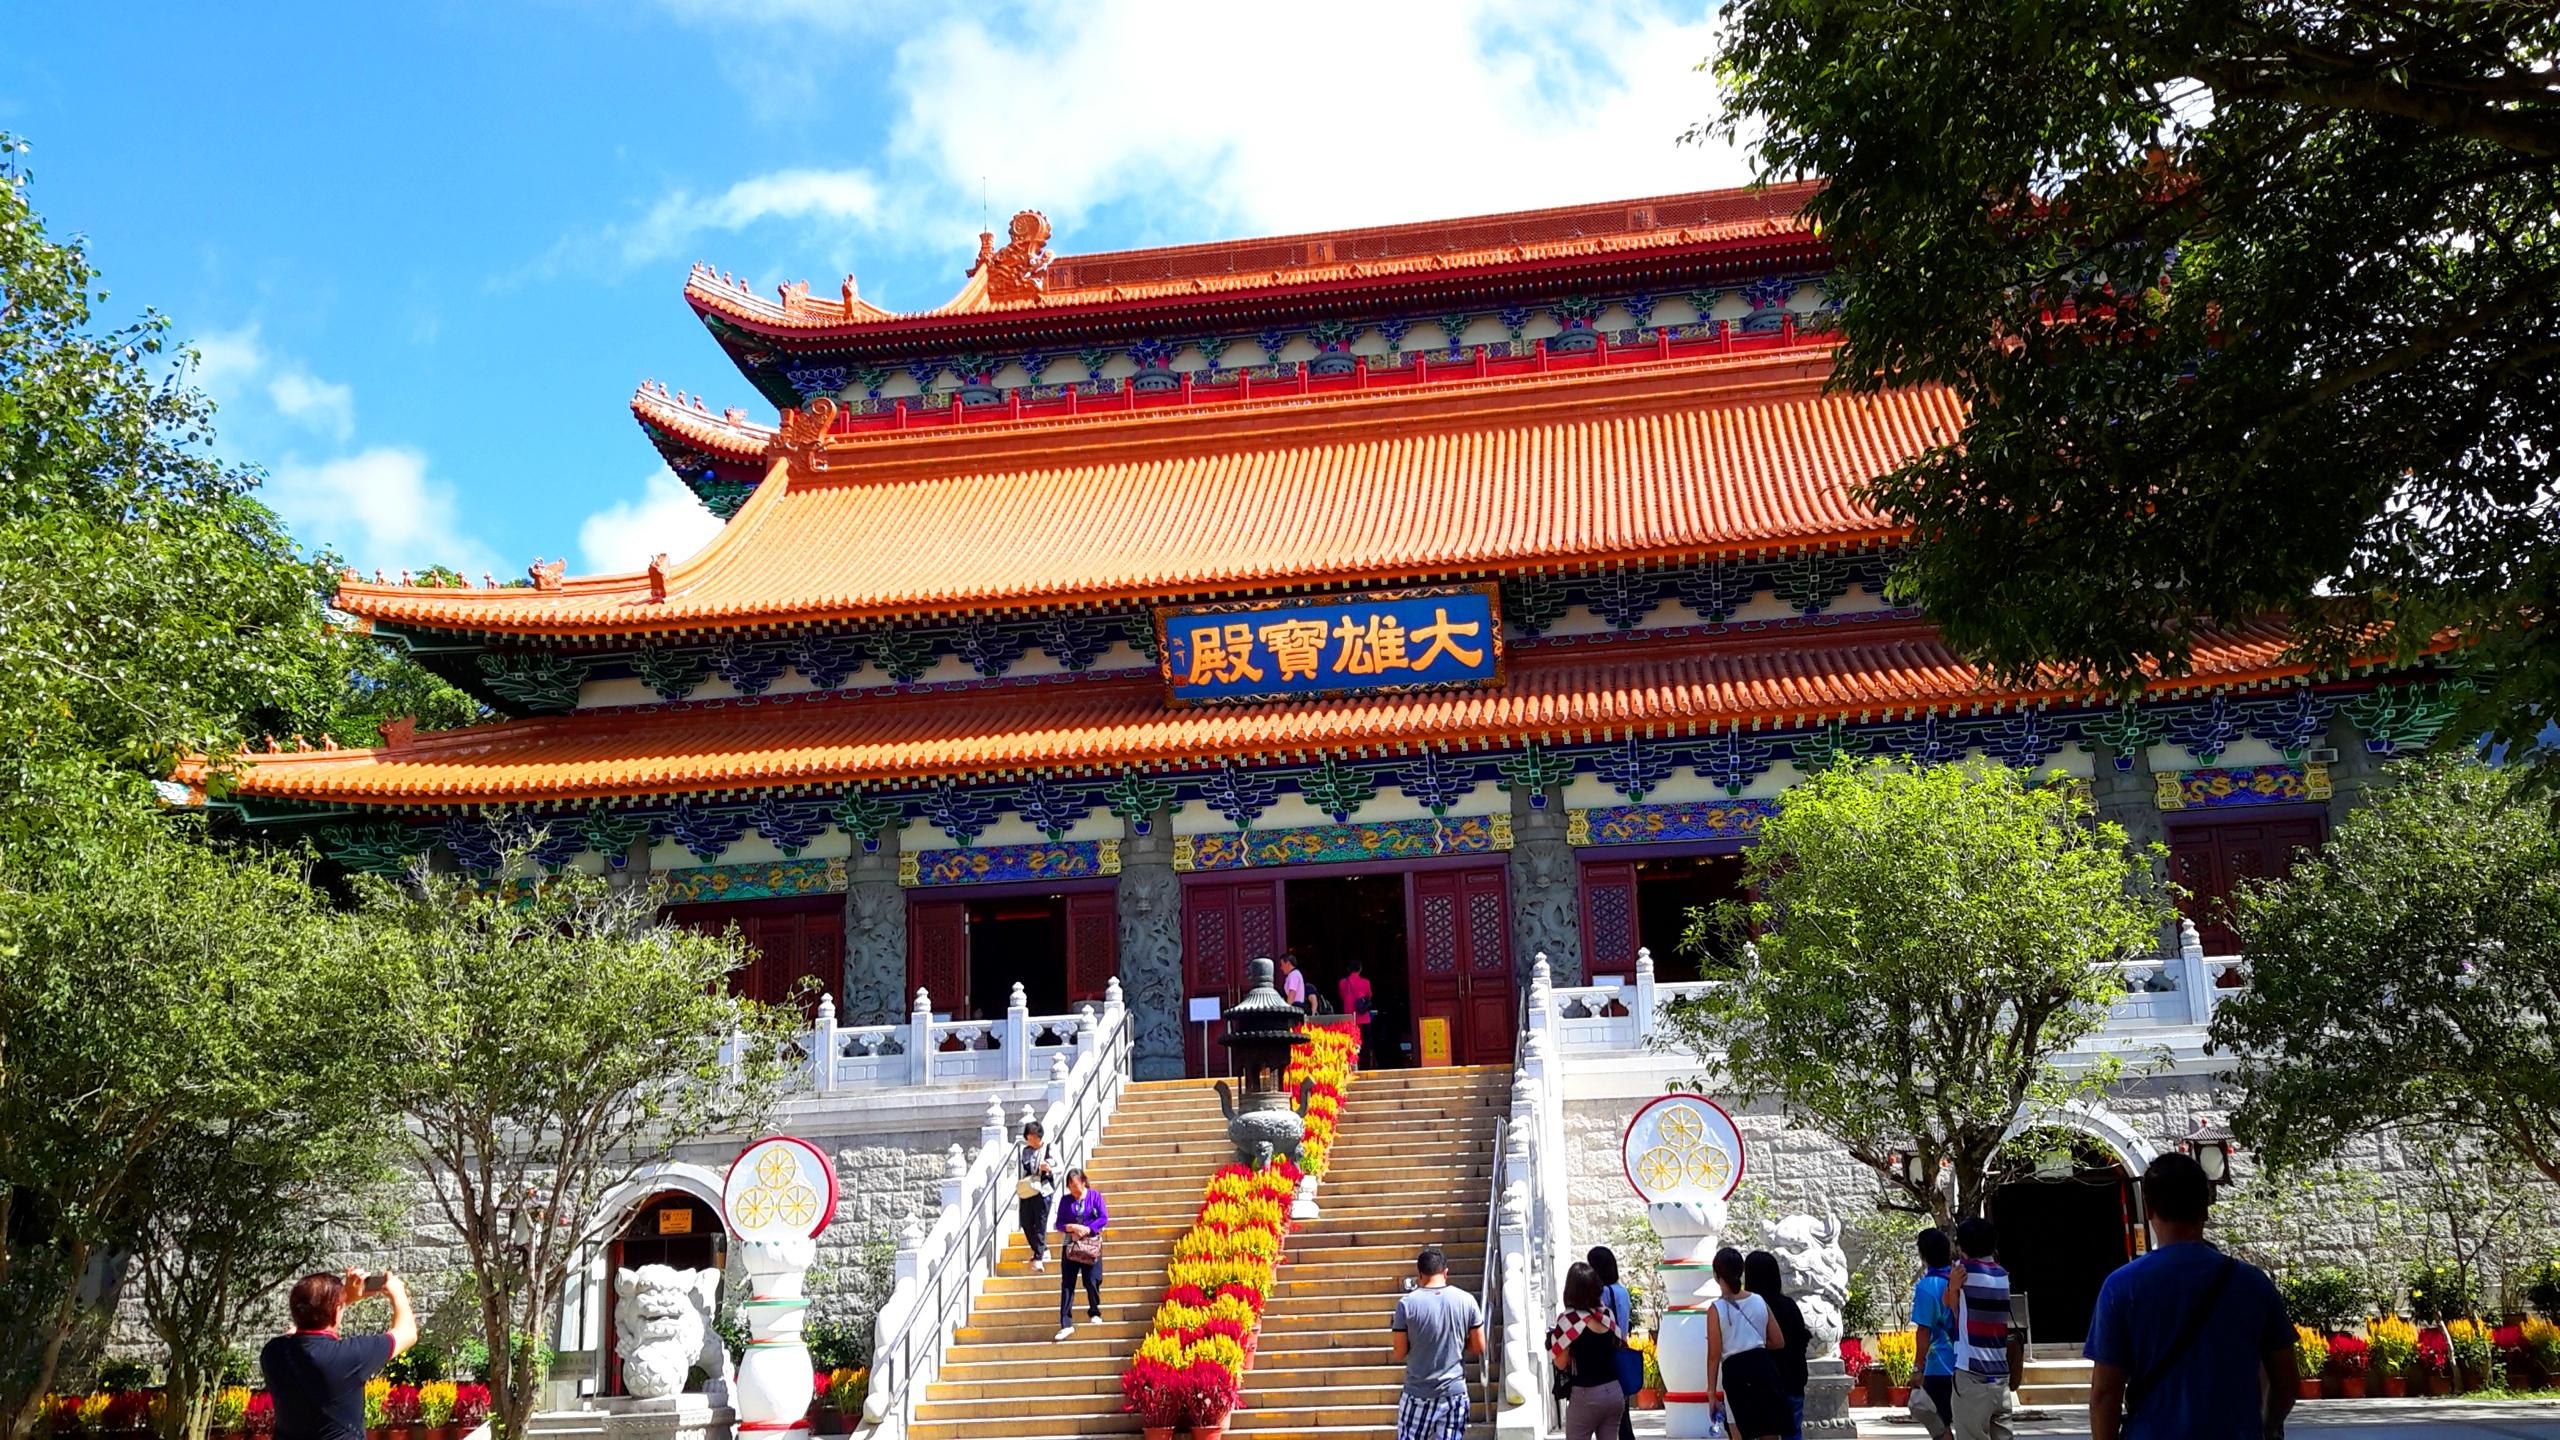 Po Lin Monastery Main Hall at Ngong Ping Lantau Island